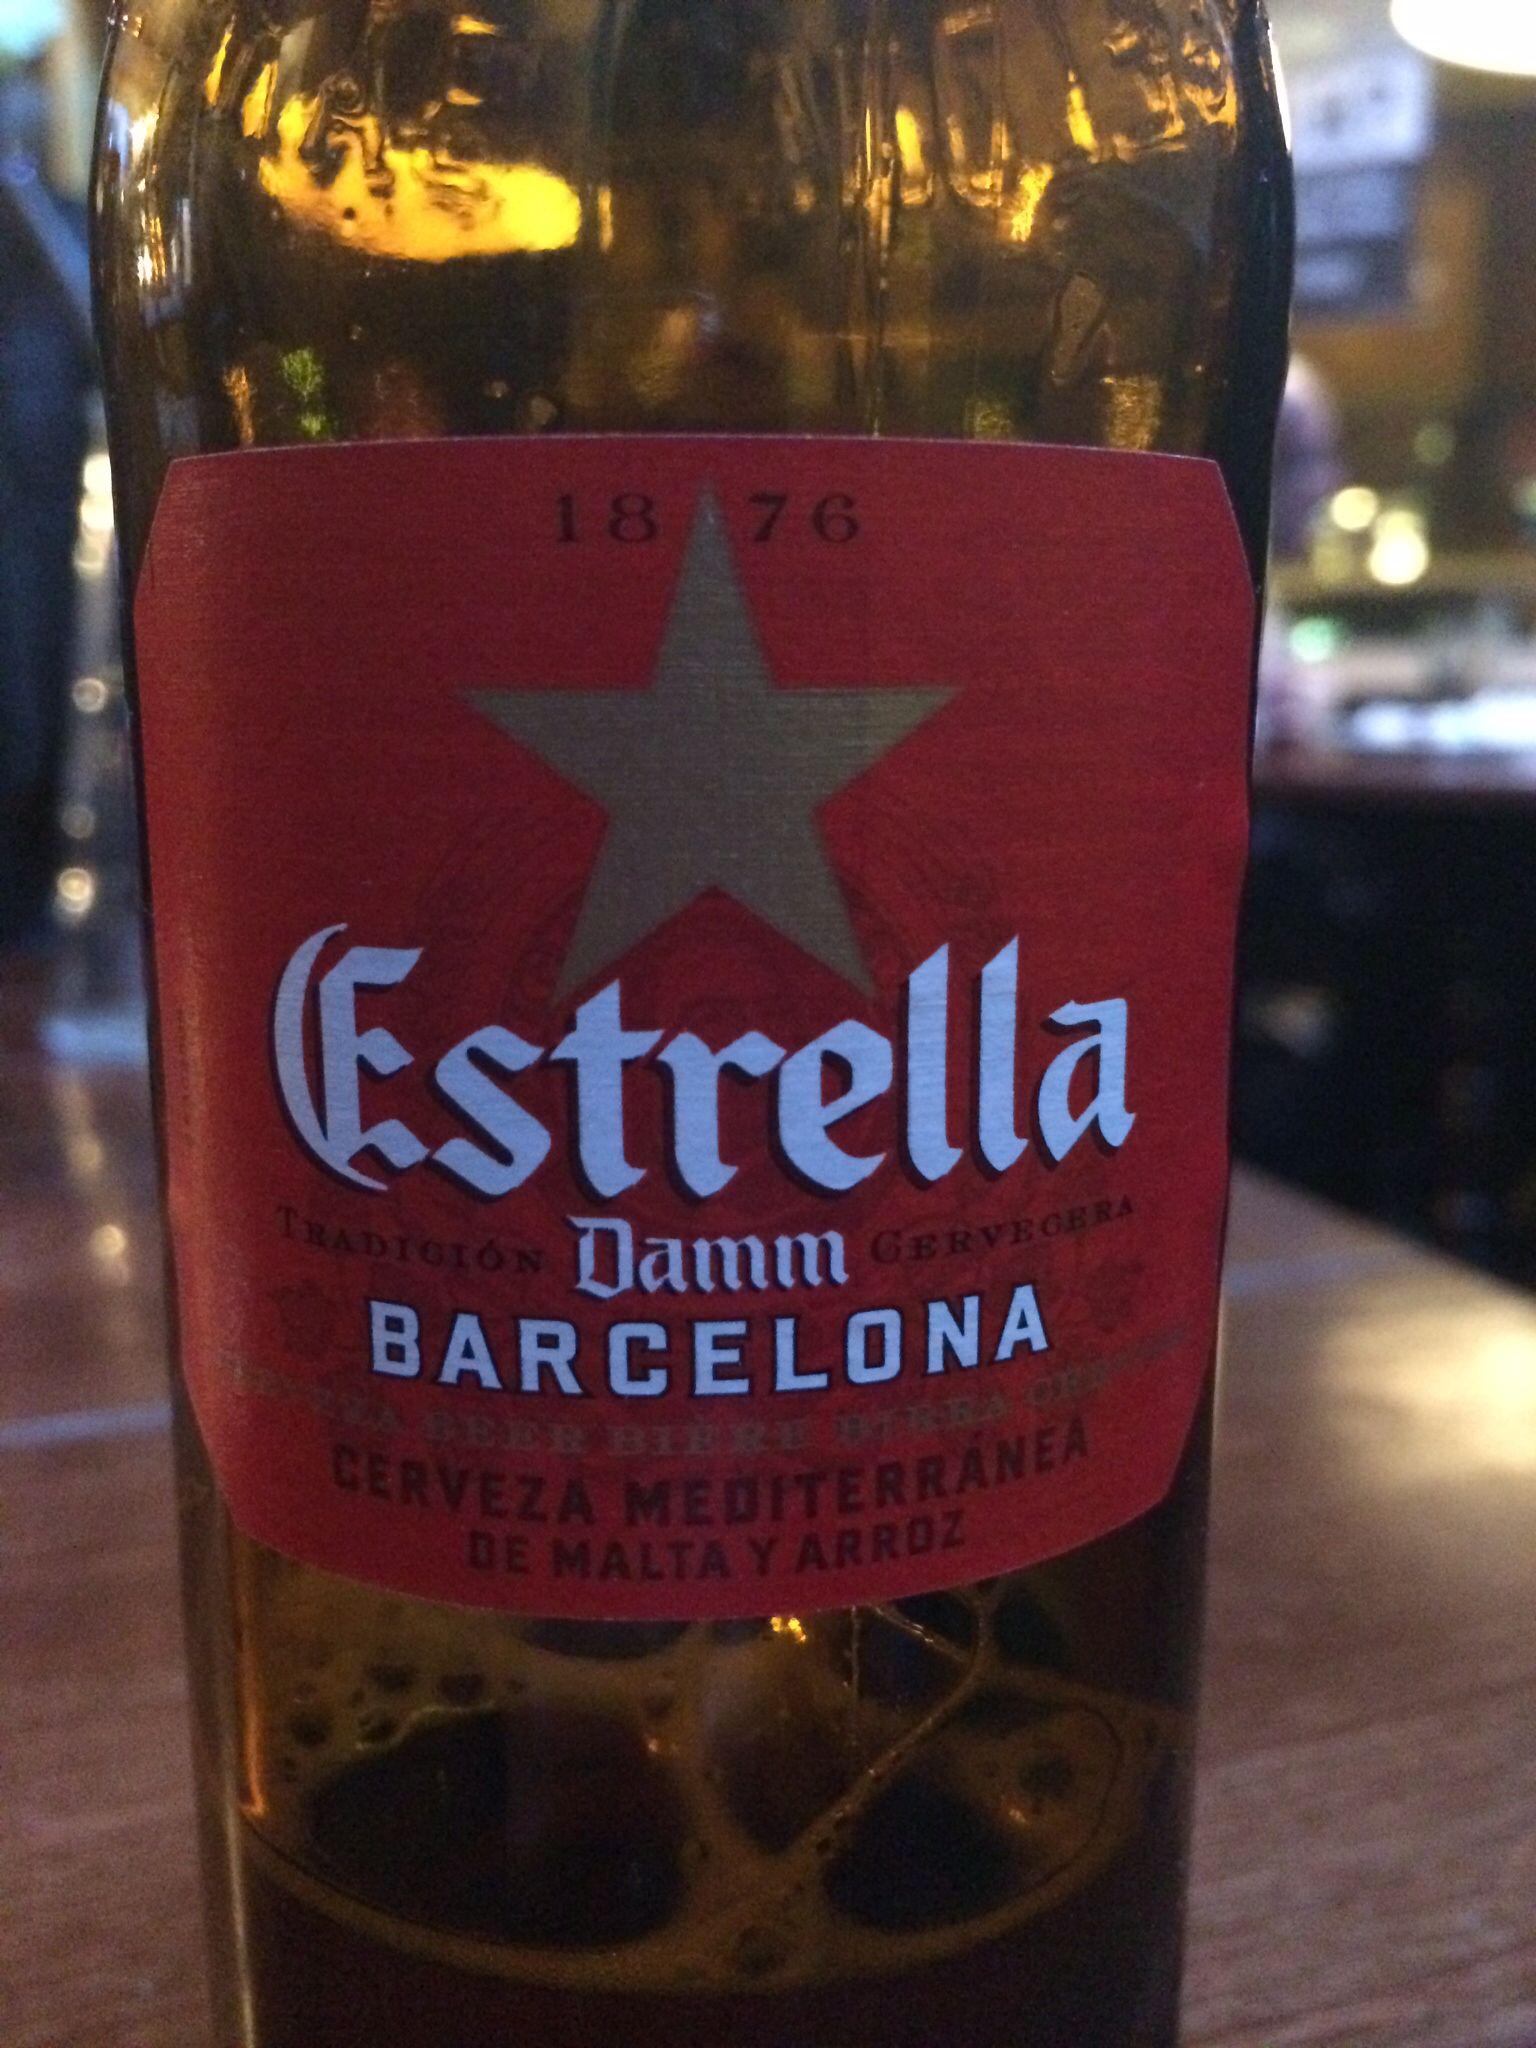 Cerveza De Malta Y Arroz Beer Cellar Beer Whiskey Bottle